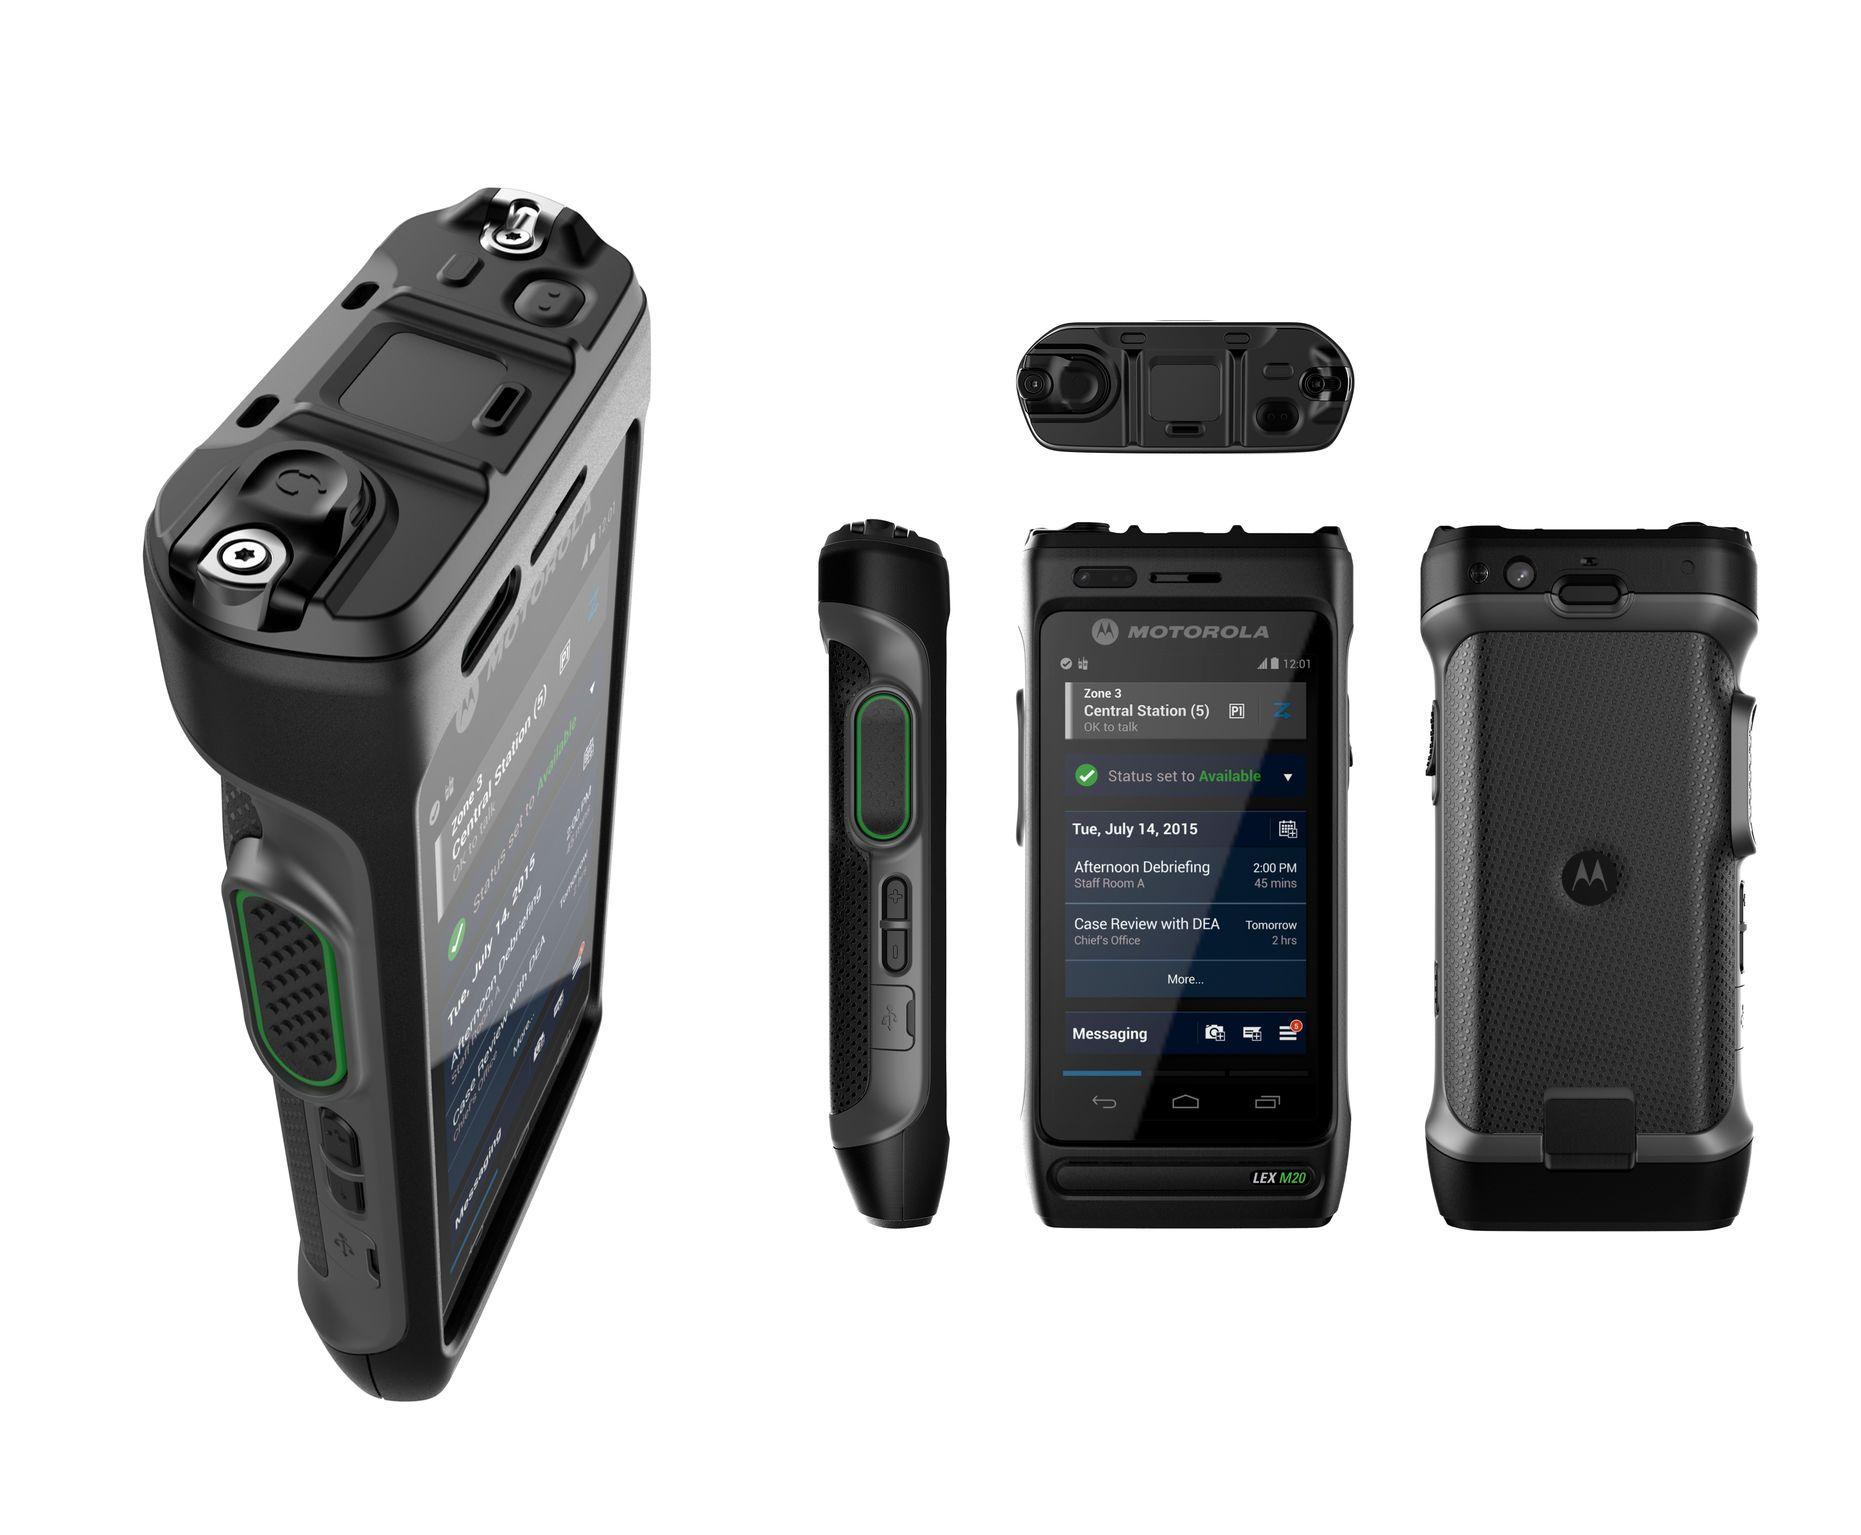 LEX M20 Tech design gadgets, Design gadgets, Latest